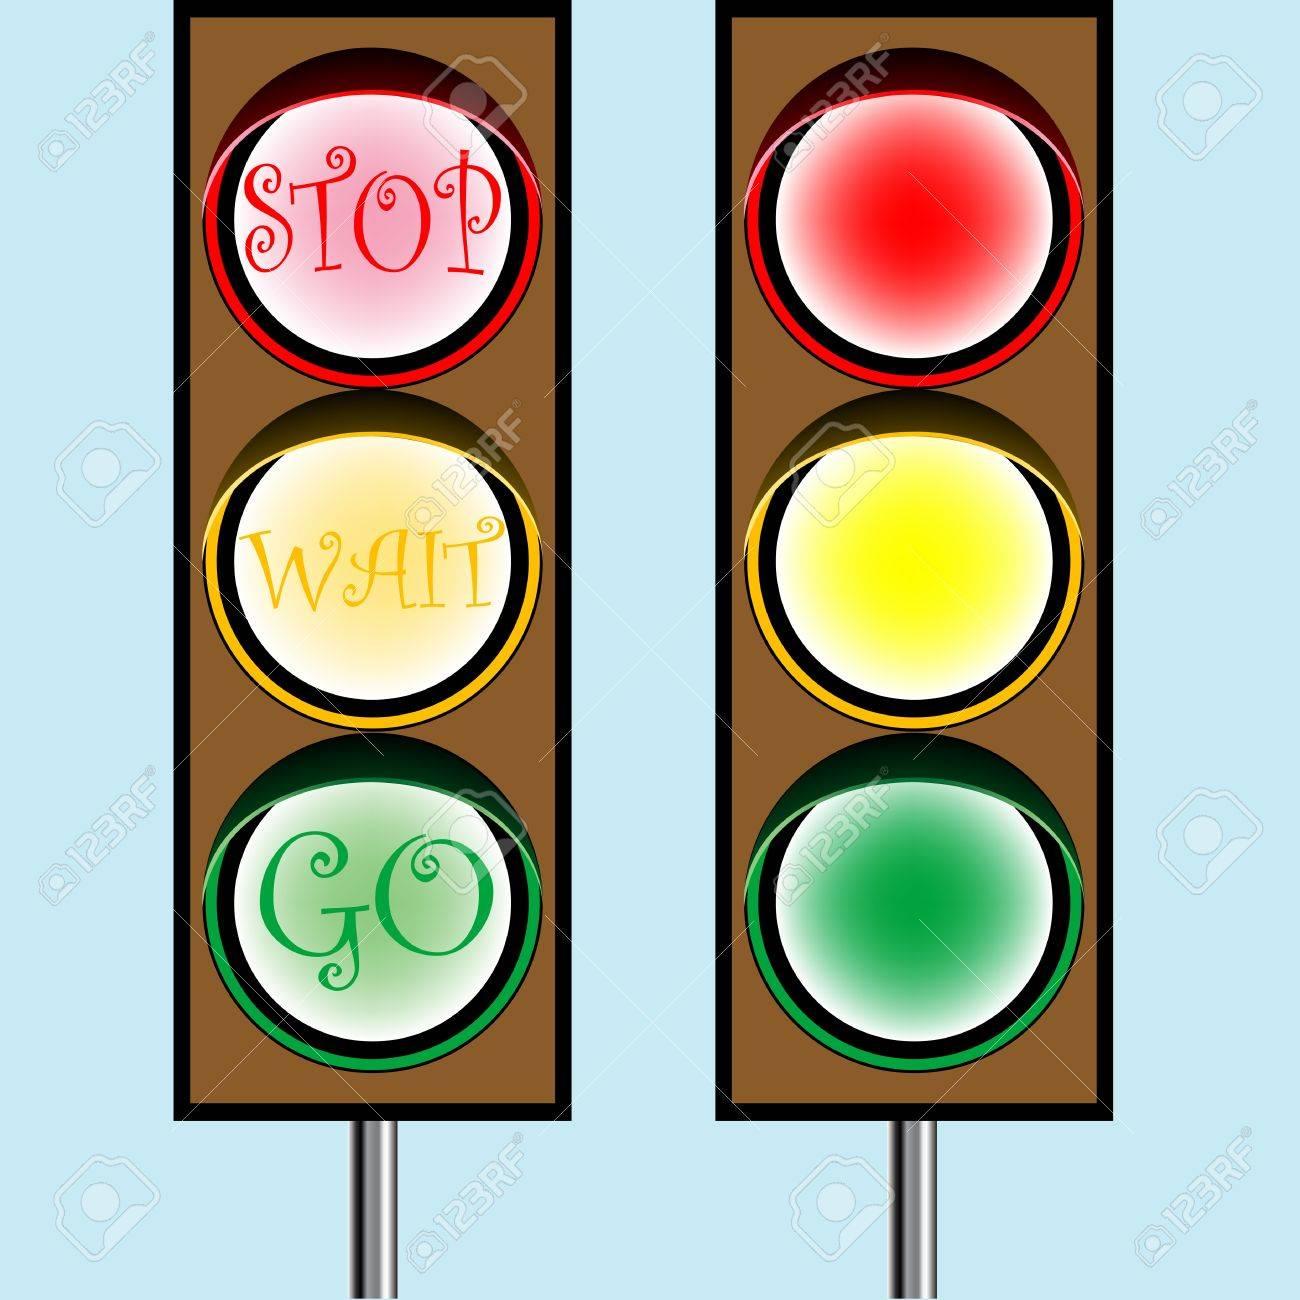 traffic lights cartoon, abstract art illustration Stock Photo - 7324465